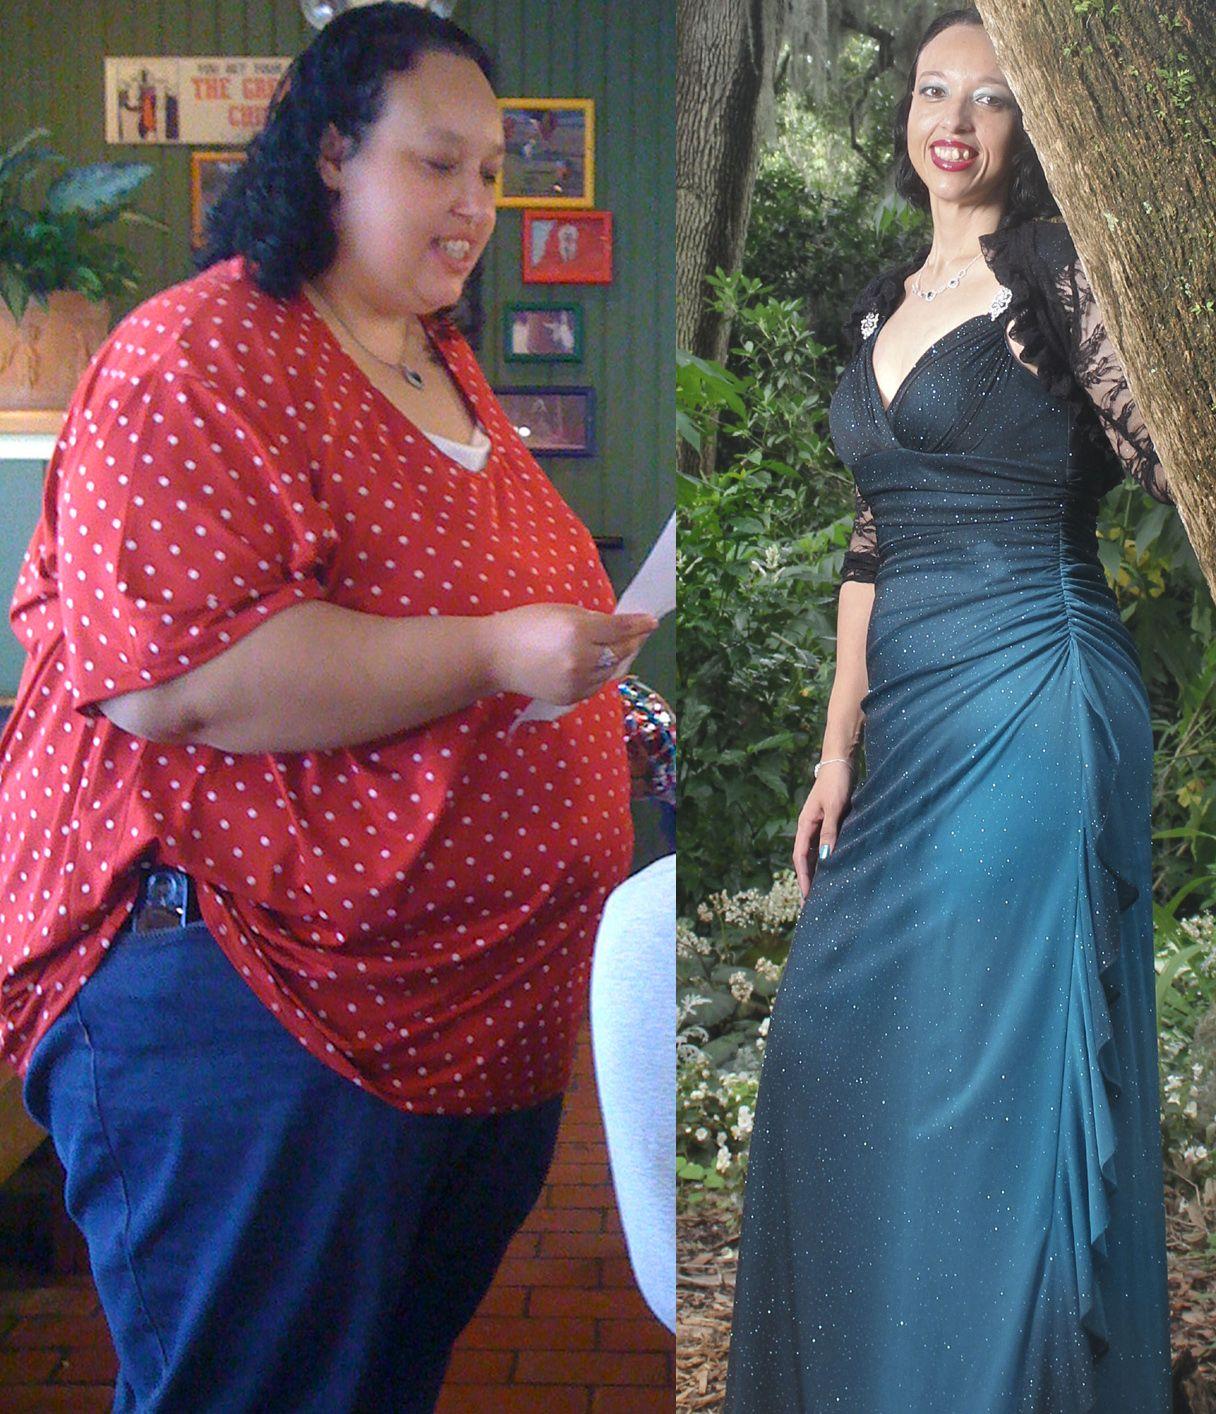 Похудение Фото Успеха. Реальные истории и фото сильно похудевших людей. Советы и отзывы о методиках похудения